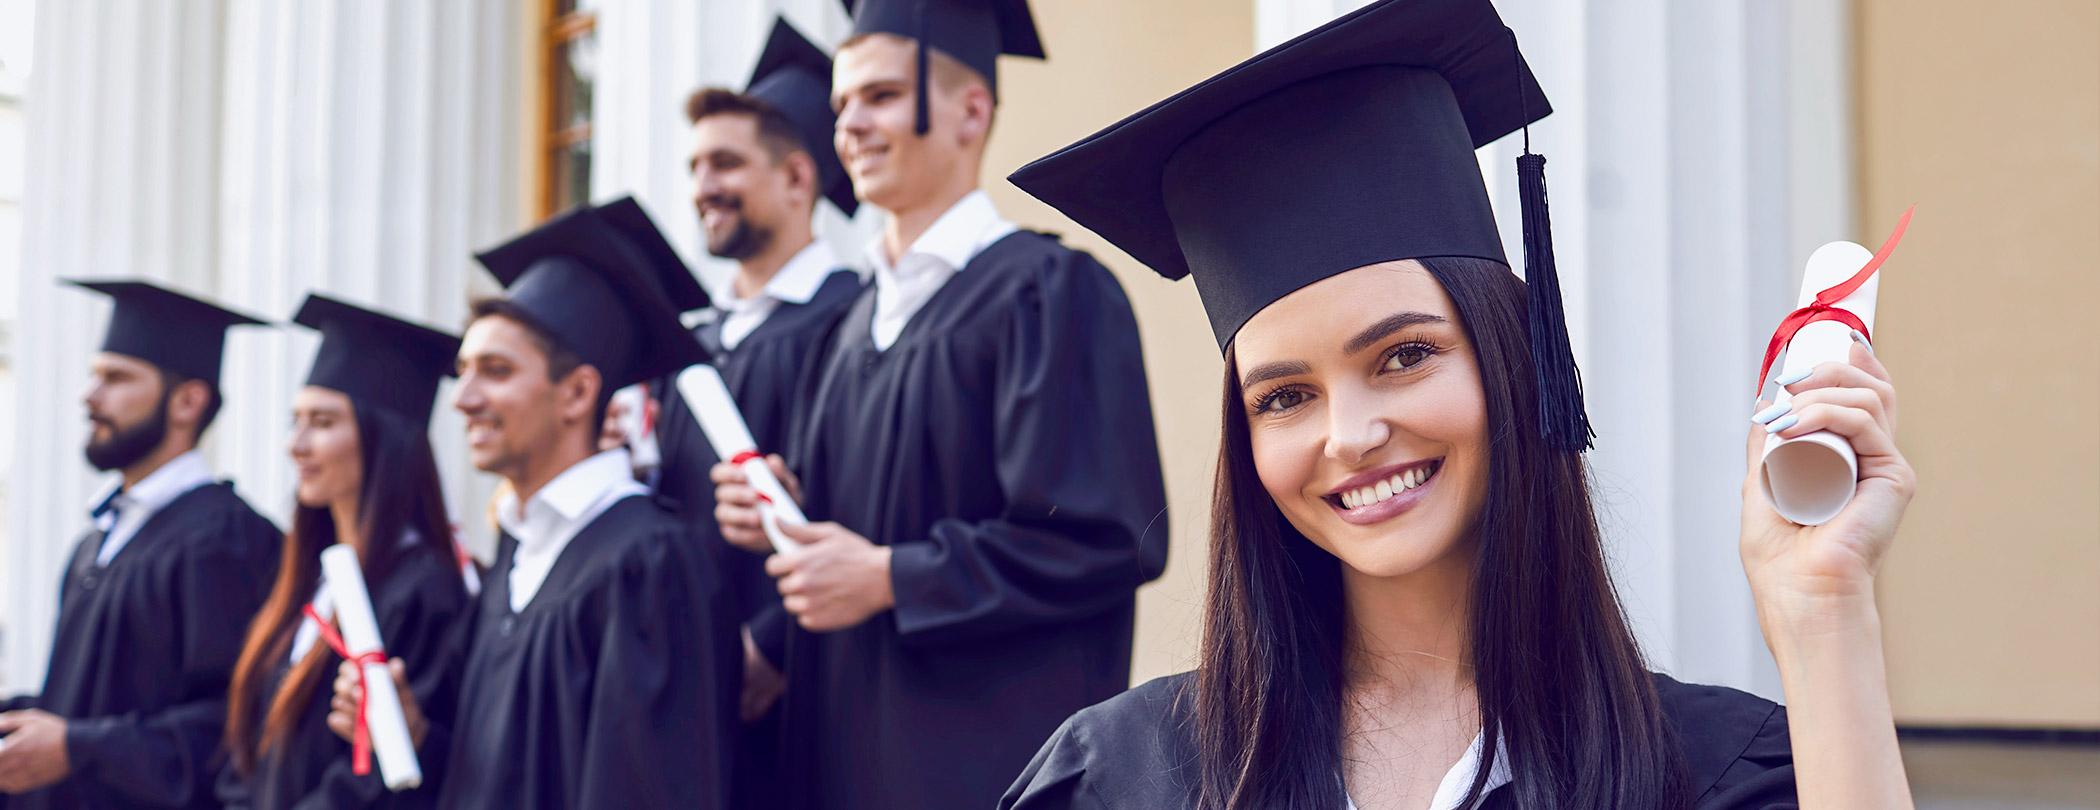 İster eğitim hayatının başında ol, ister de kariyer yaşamının ortalarında. Hayalini kurduğun, merakını cezbeden, daha fazla bilgi almak istediğin çok sayıda konu olması kaçınılmaz. O halde doğru adrestesin. YKS hazırlık, TYT hazırlık, Ayt hazırlık, KPSS genel anlamda ders çalışma önerileri ve bölüm tavsiyeleri, üniversite tavsiyeleri ile kariyer tavsiyeleri gibi eğitim ve kariyer hayatına dair aradığın her şeyi ve çok daha fazlasını burada bulabilirsin.